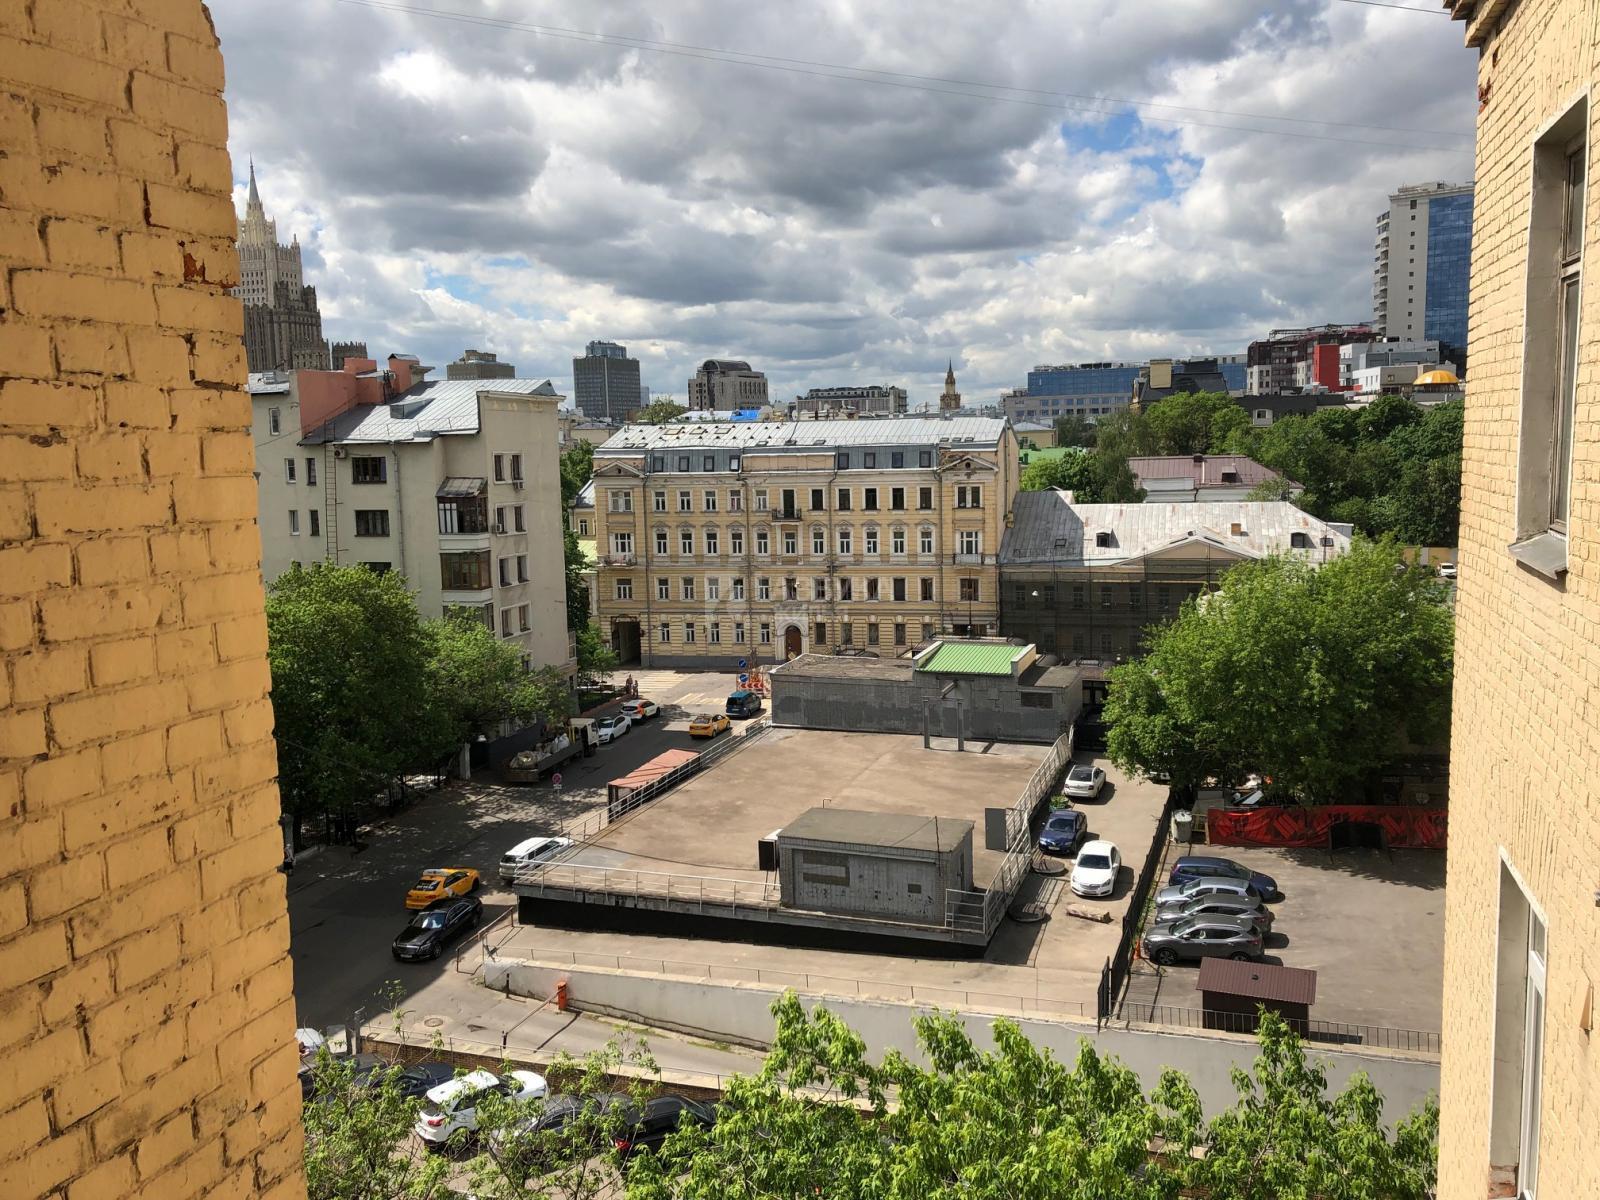 Фото №8 - 7-комнатная квартира, Москва, Николопесковский М. переулок 11 корпус 2 строение 1, метро Смоленская